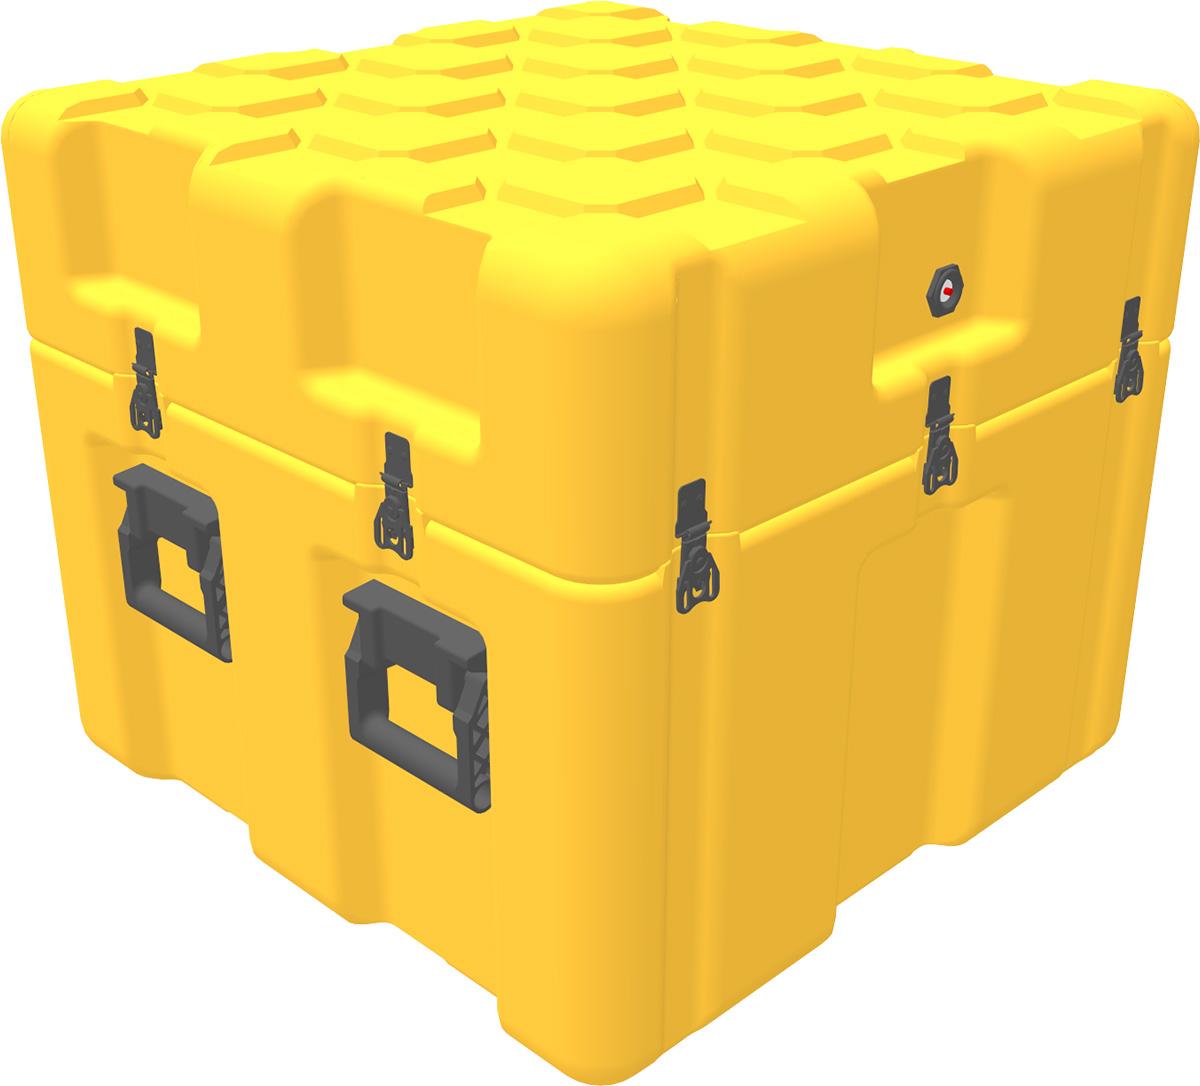 peli eu070070 4020 isp2 shipping case